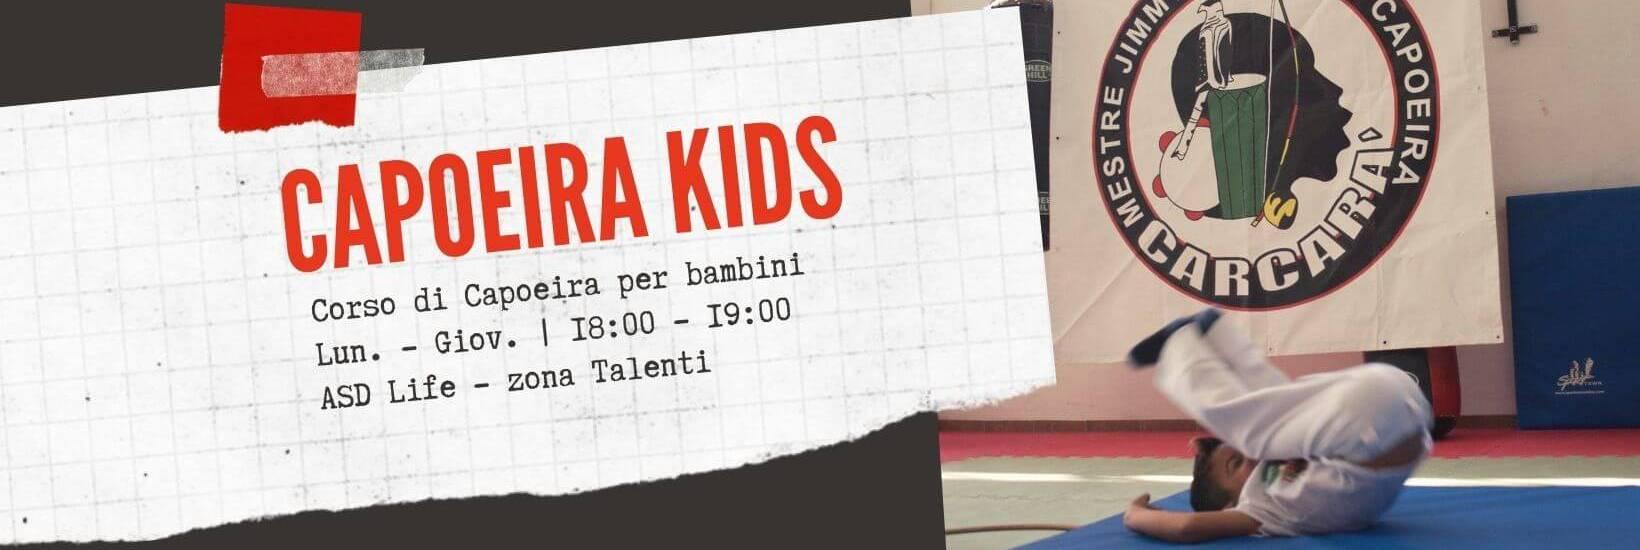 Corso di Capoeira per bambini a Roma Talenti